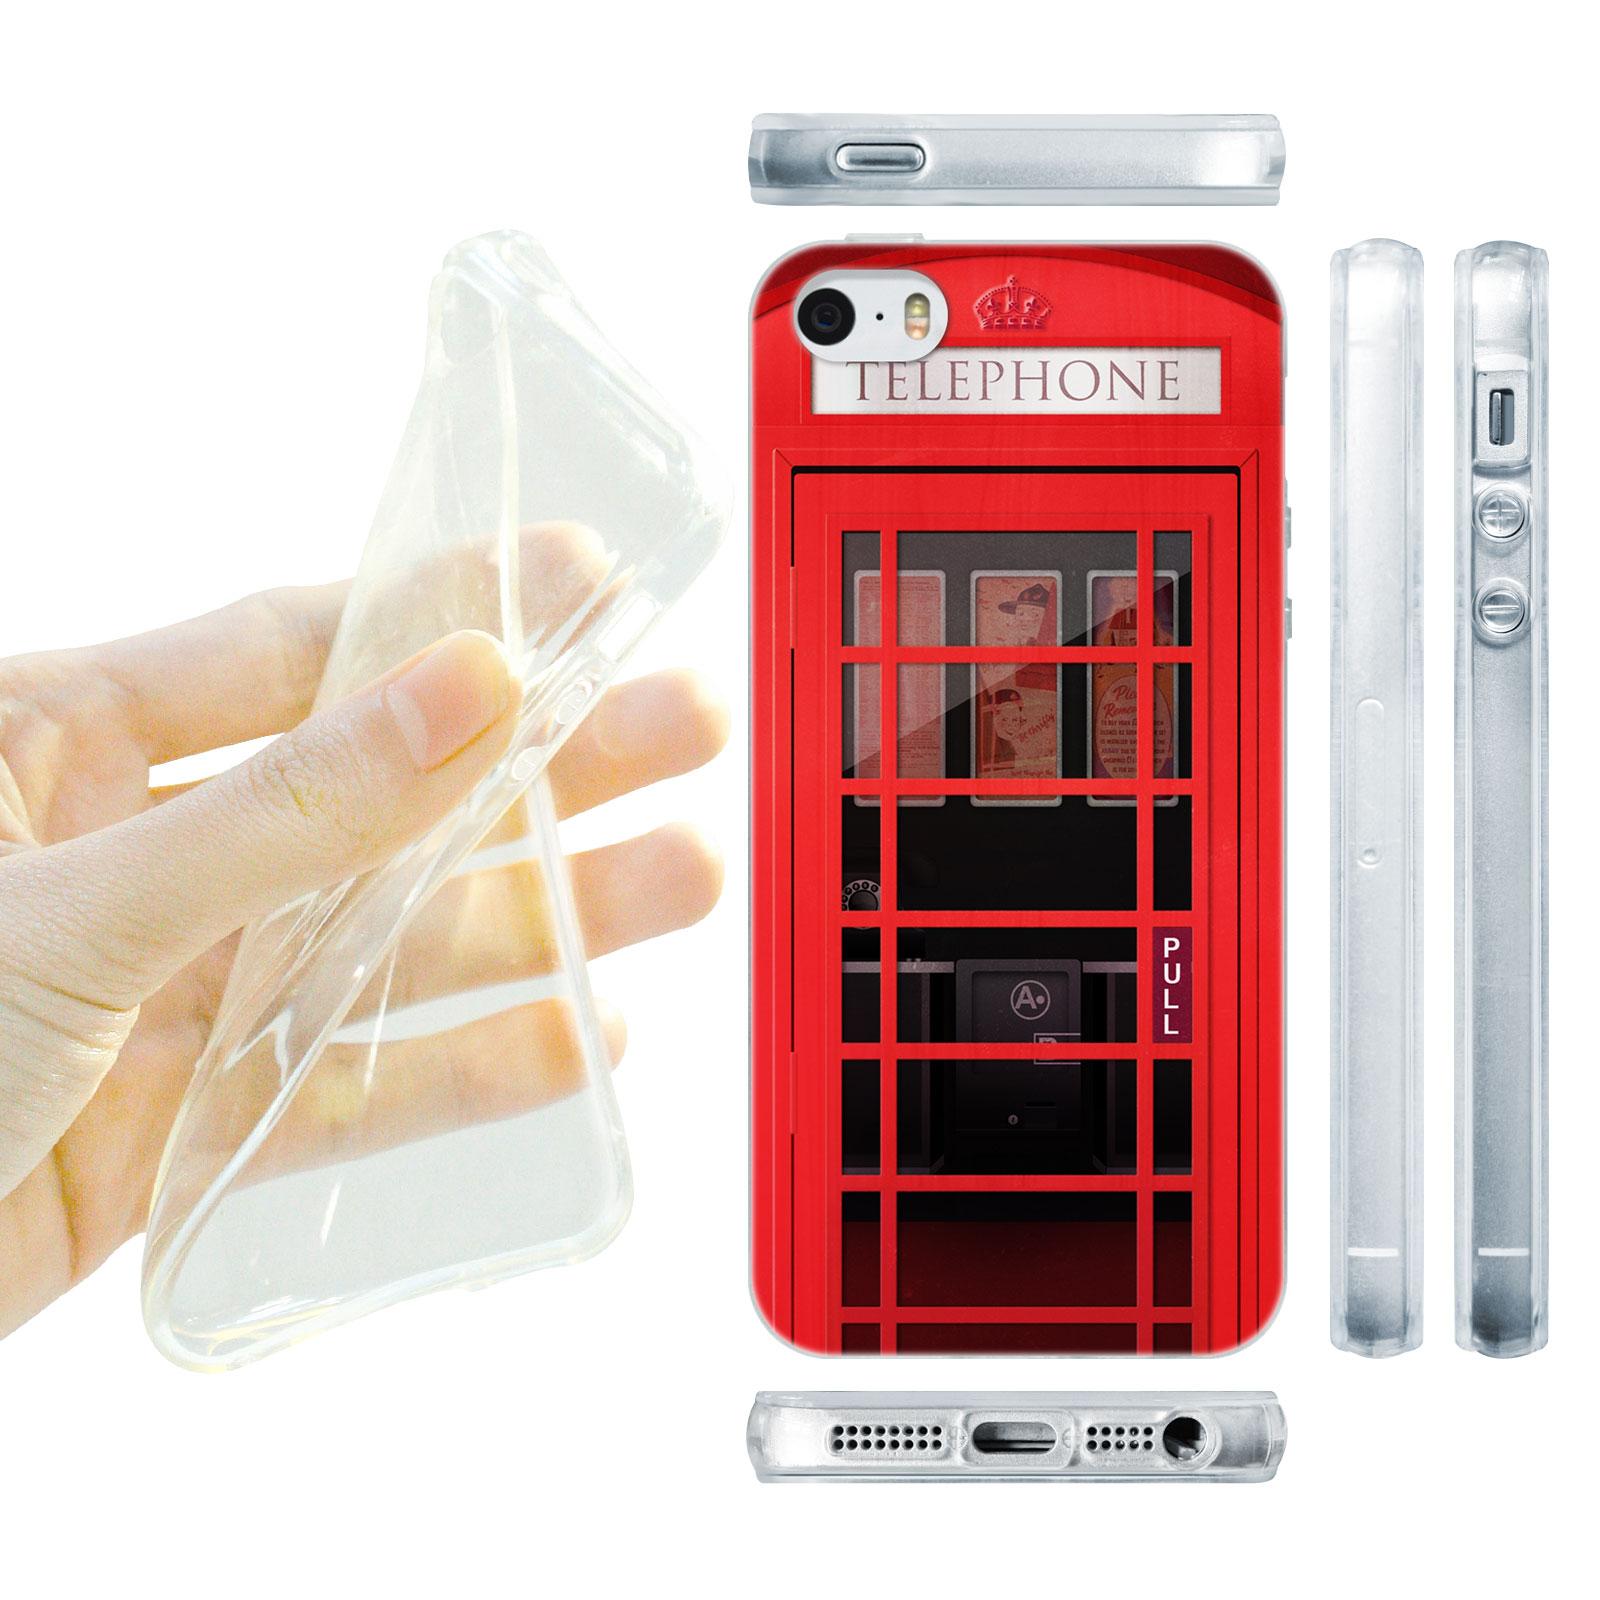 HEAD CASE silikonový obal na mobil Iphone 5/5S telefonní budka červená barva